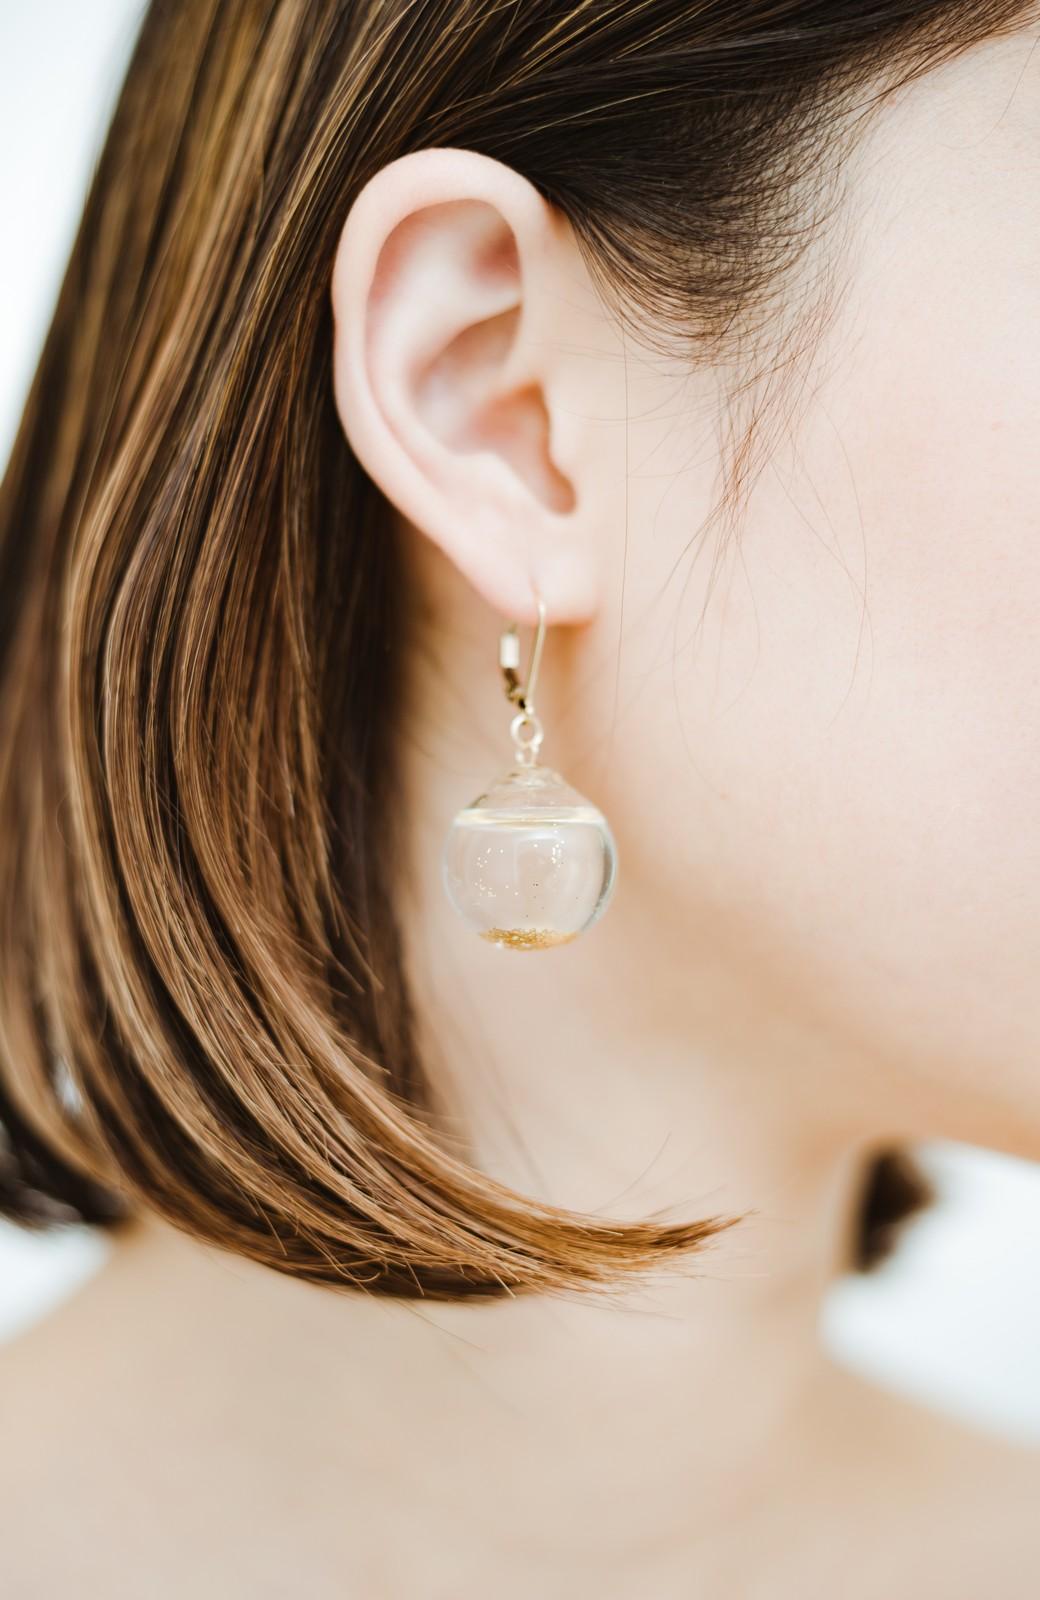 haco! てとひとて KANA MATSUNAMI チャリティー企画 Glass dome  French hookピアス <ゴールド>の商品写真8